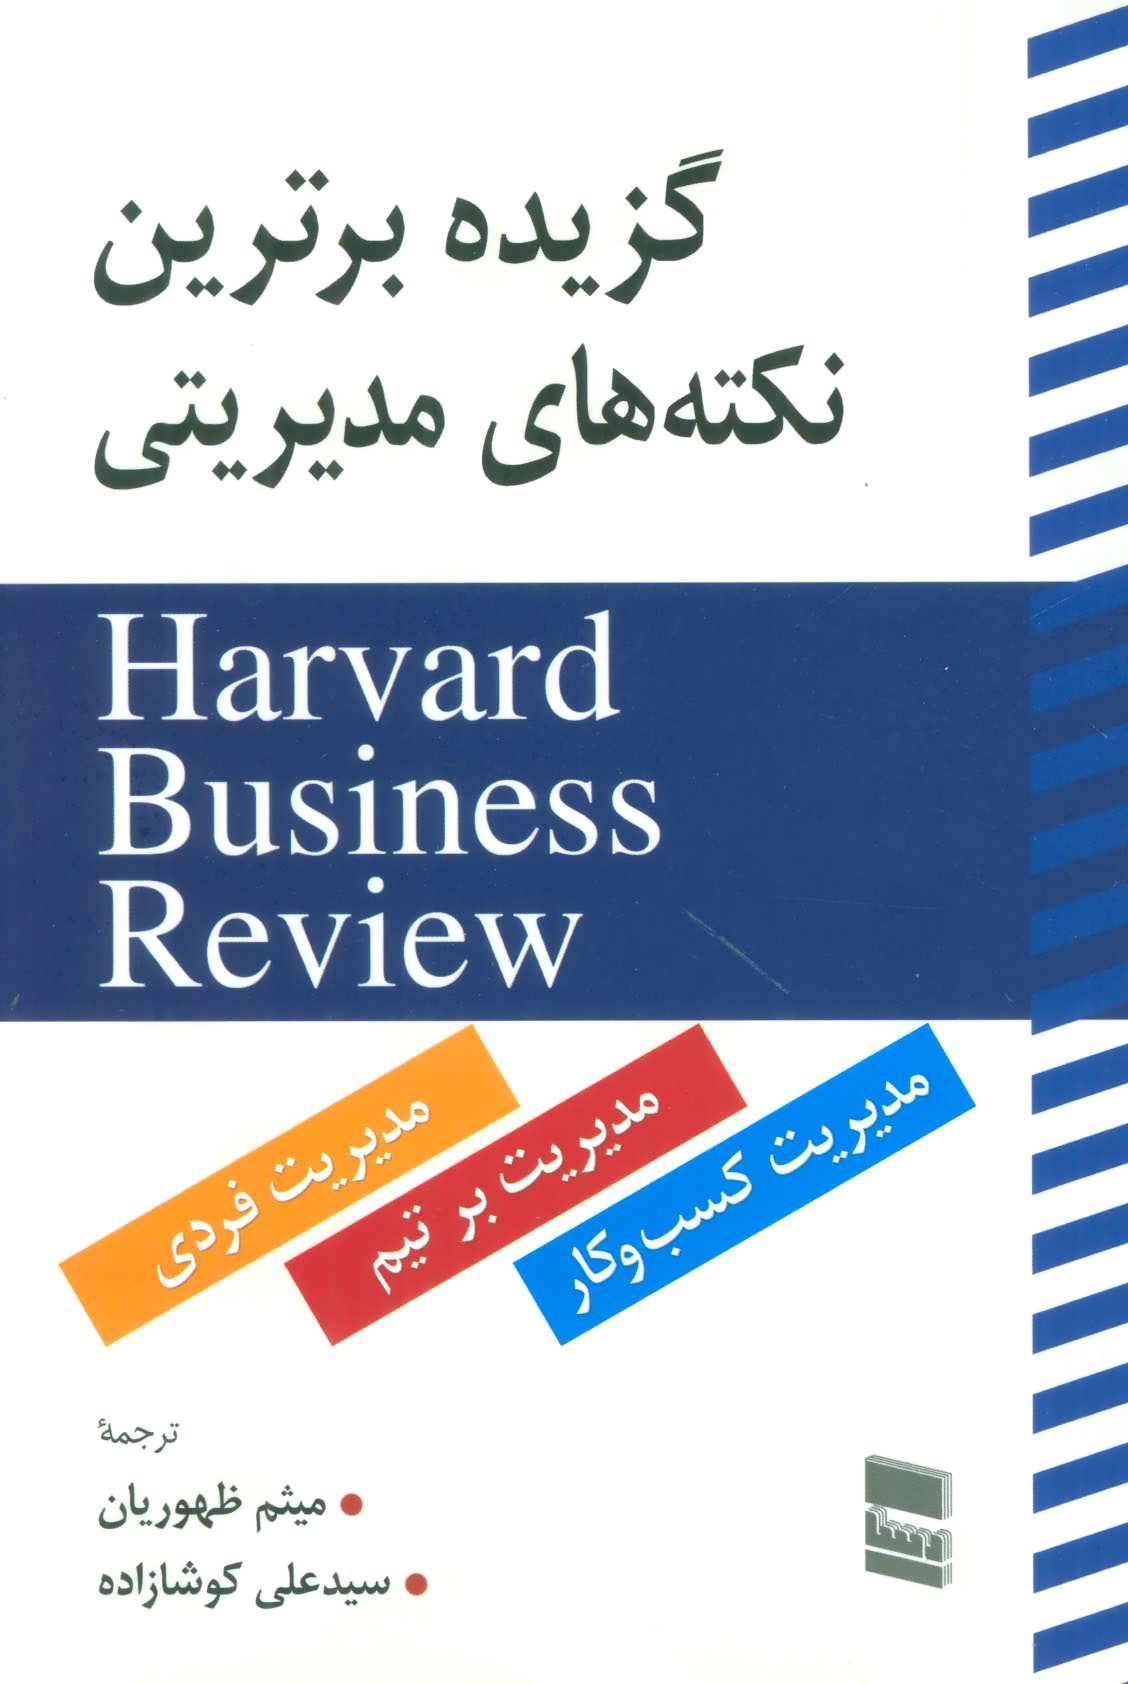 کتاب گزیده برترین نکات مدیریتی Harvard Business Review